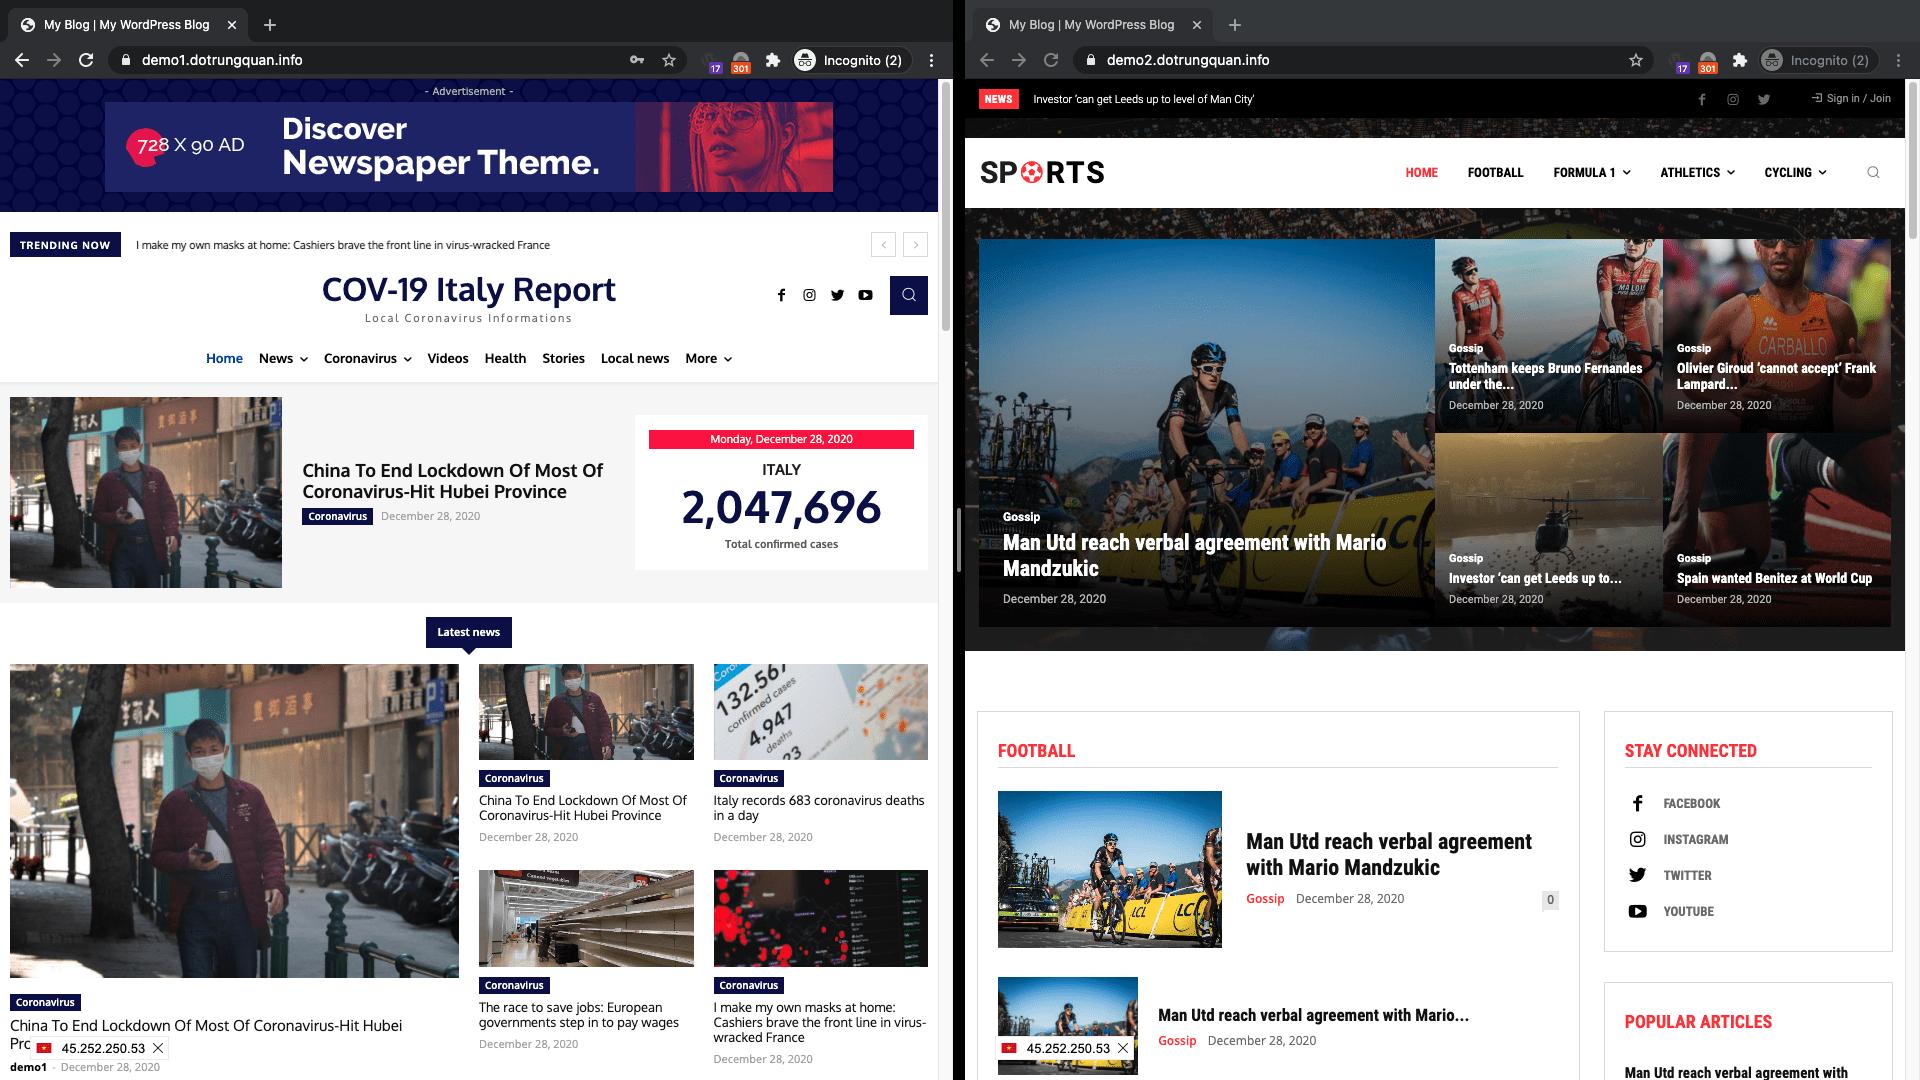 Screenshot 2020 12 28 at 13.59.32